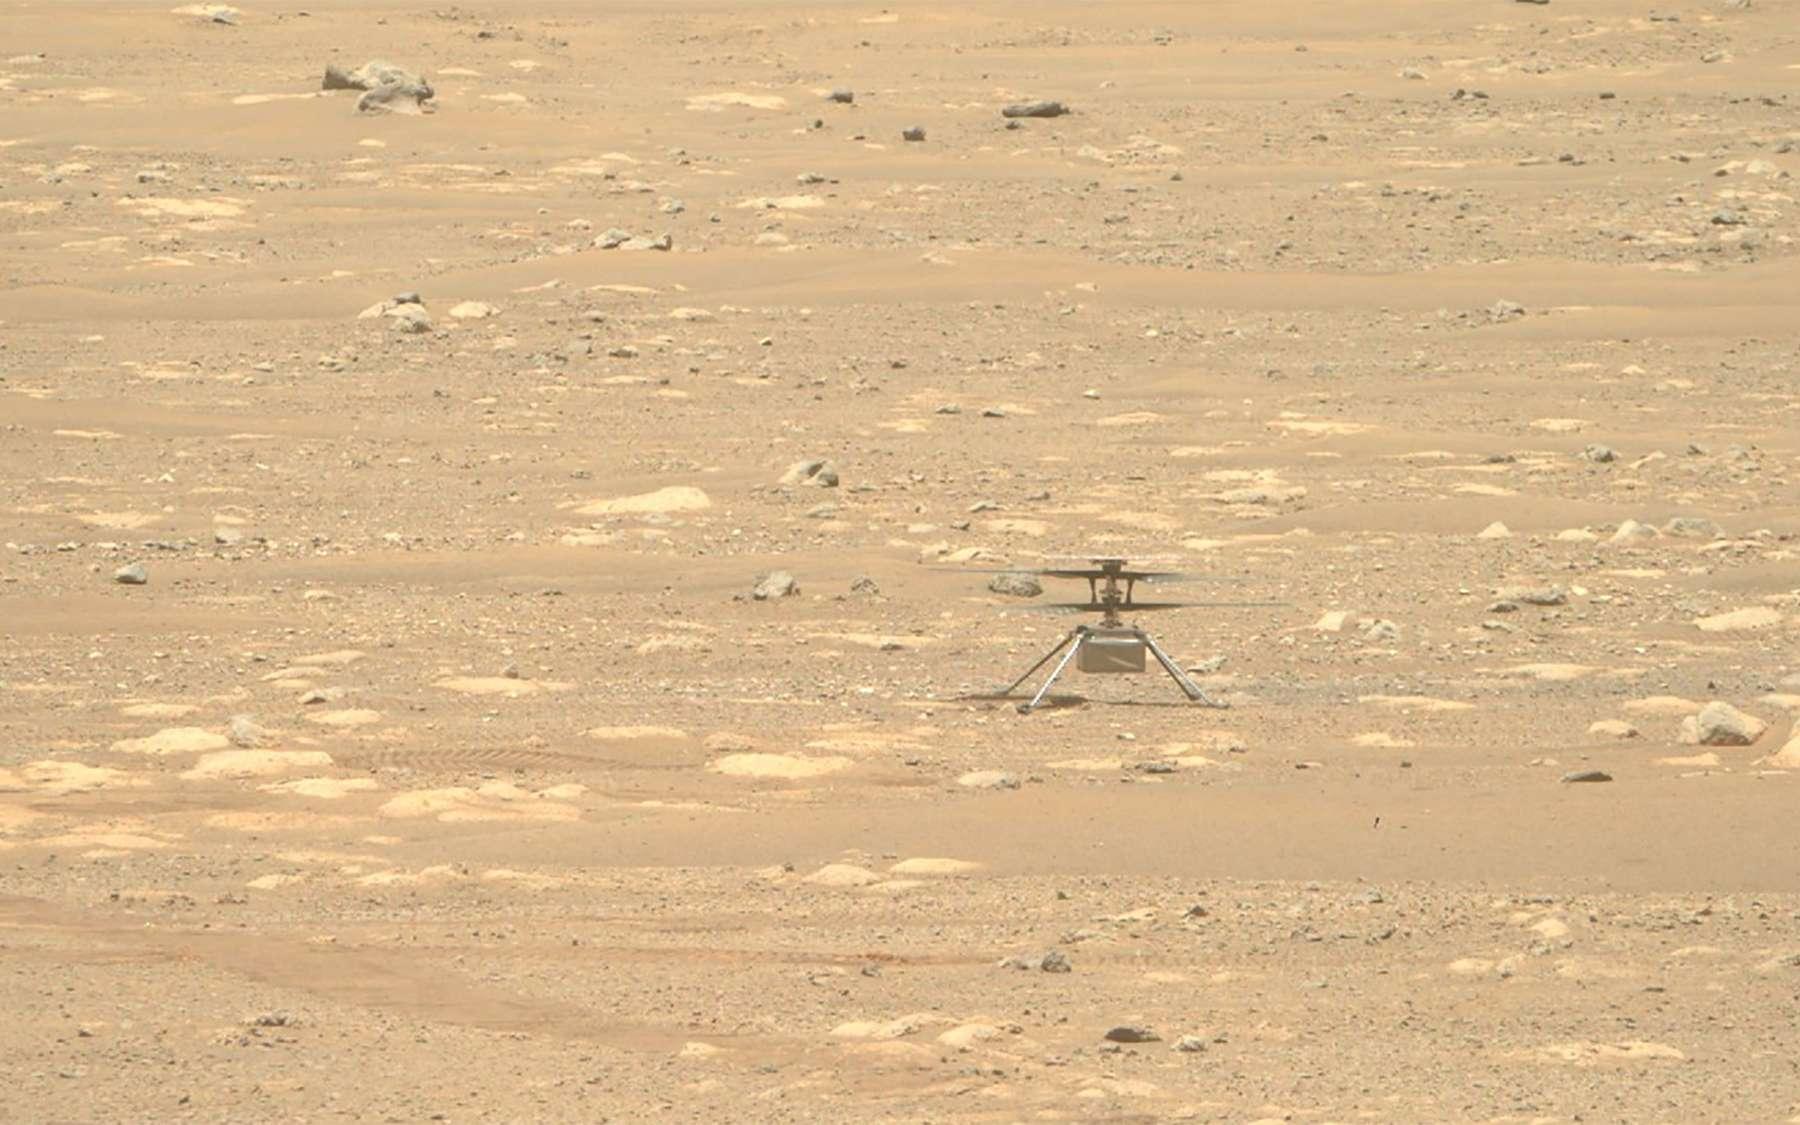 Ingenuity sur le sol de Mars. Image acquise le 28 avril par une des caméras Mastcam de Perseverance. © Nasa, JPL-Caltech, ASU